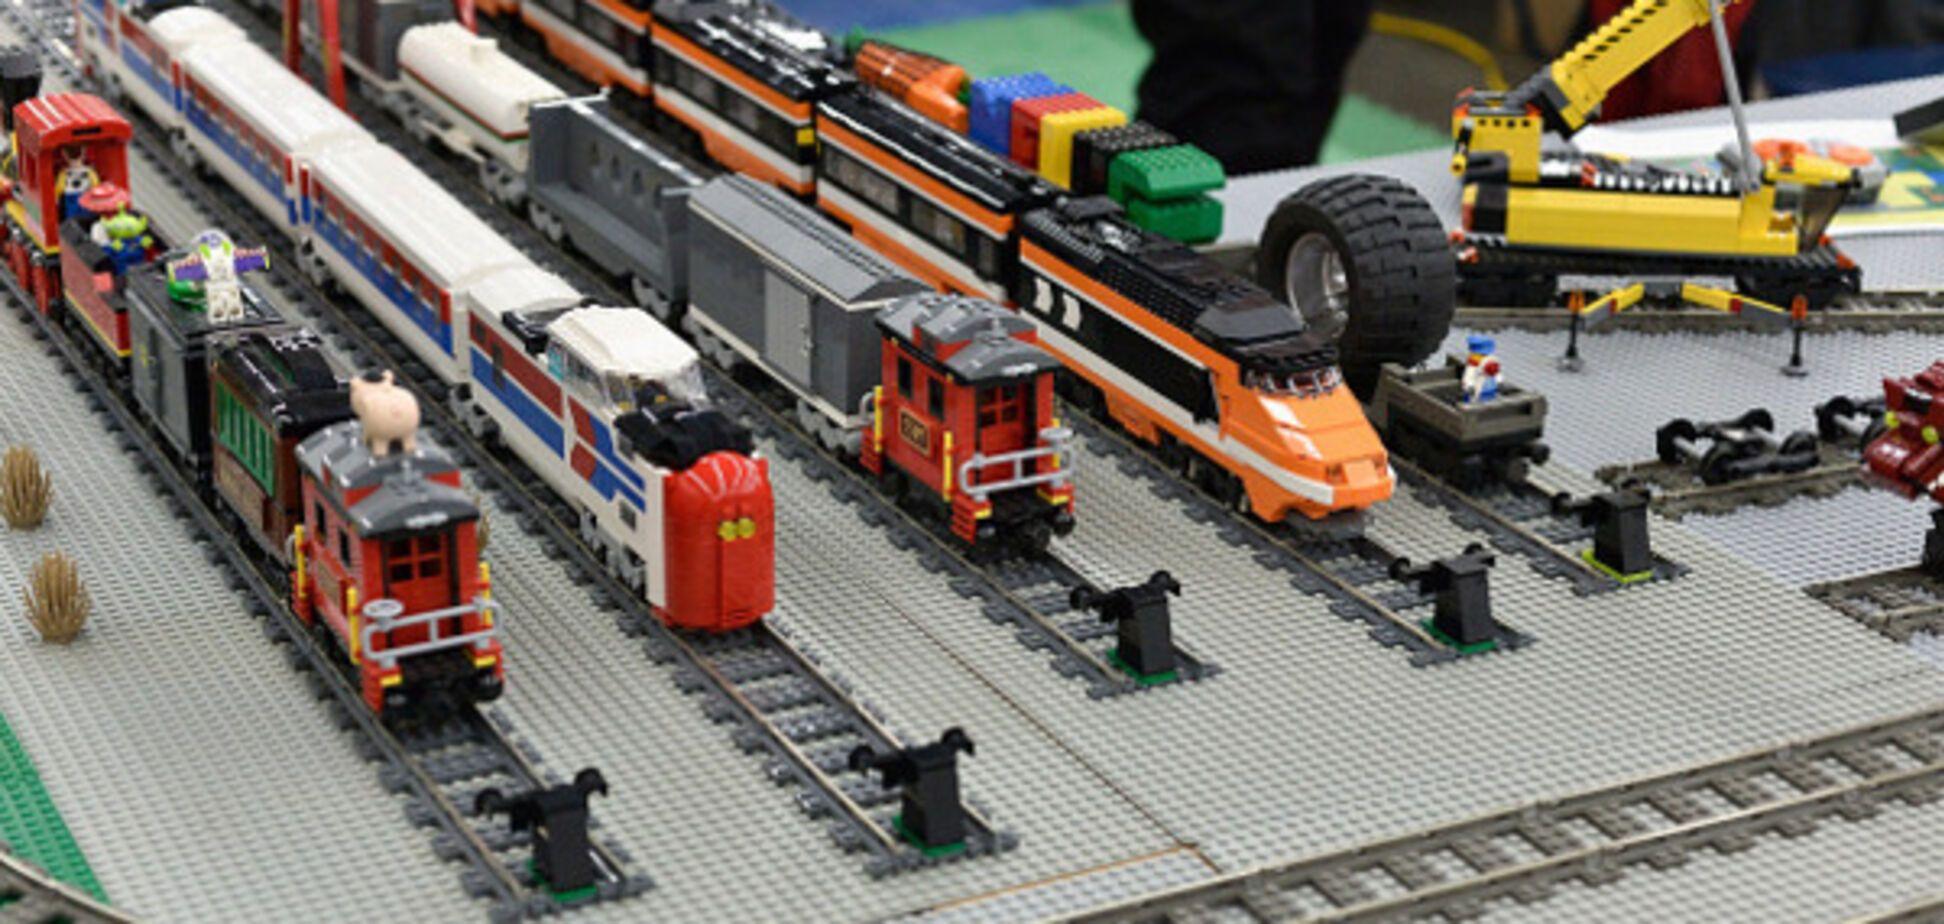 Мечта любого ребенка: сеть восхитило видео самой длинной игрушечной железной дороги